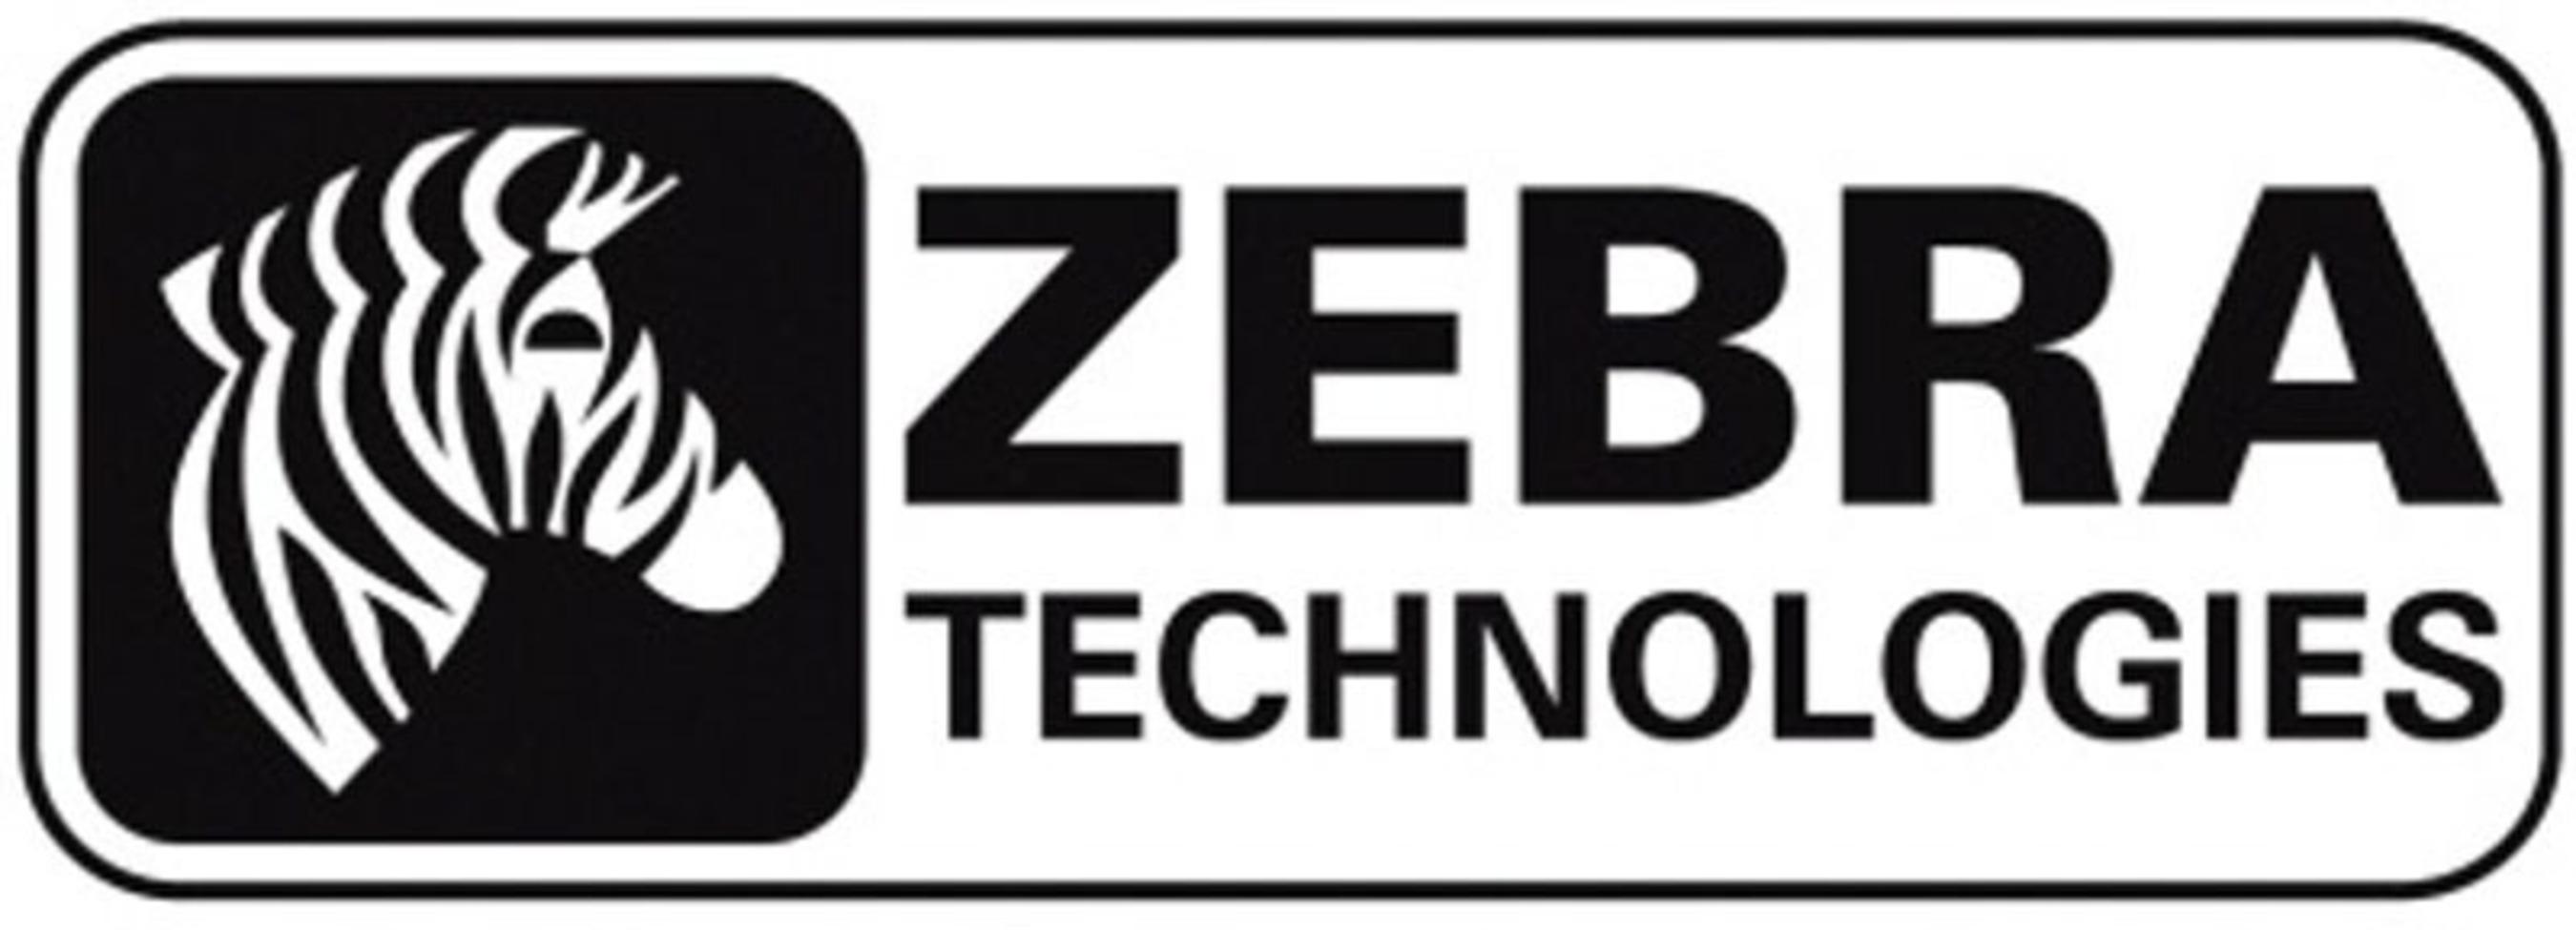 Zebra Technologies Corporation (PRNewsFoto/Zebra Technologies Corporation)